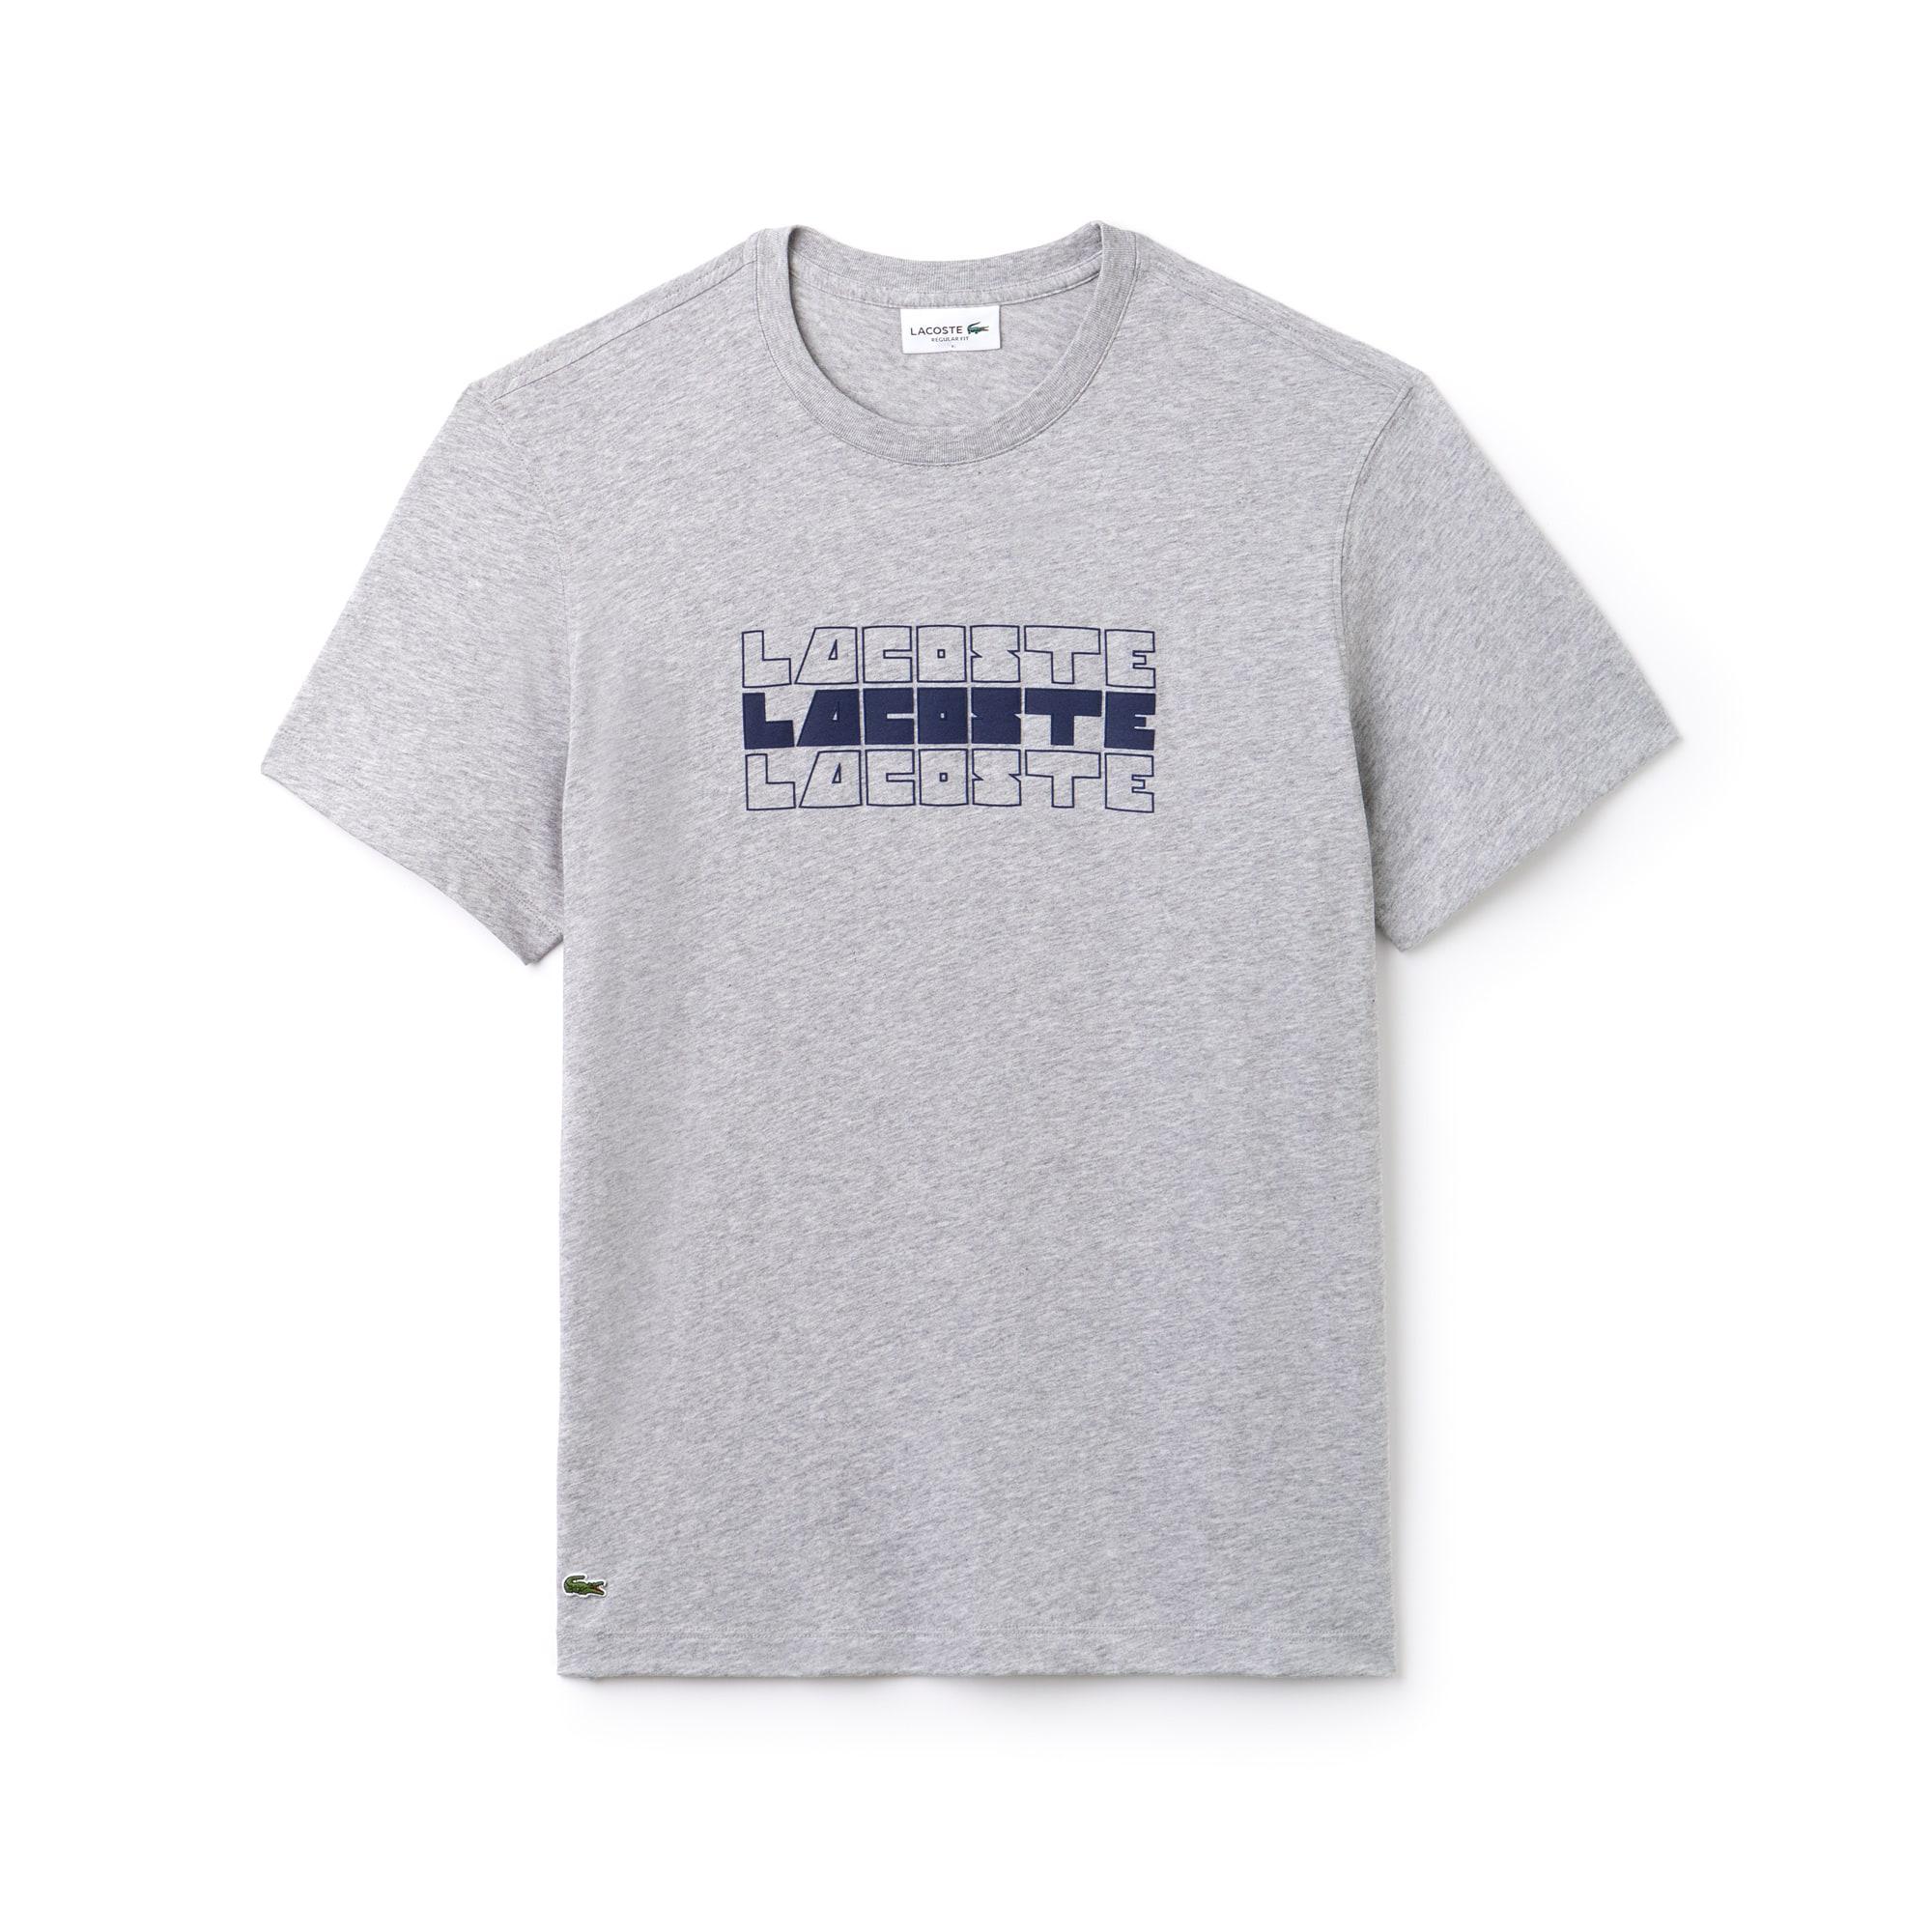 Shirt Girocollo Lacoste Con Cotone In Jersey Di A T Marchio dFxqwSpp 5151888baeb6